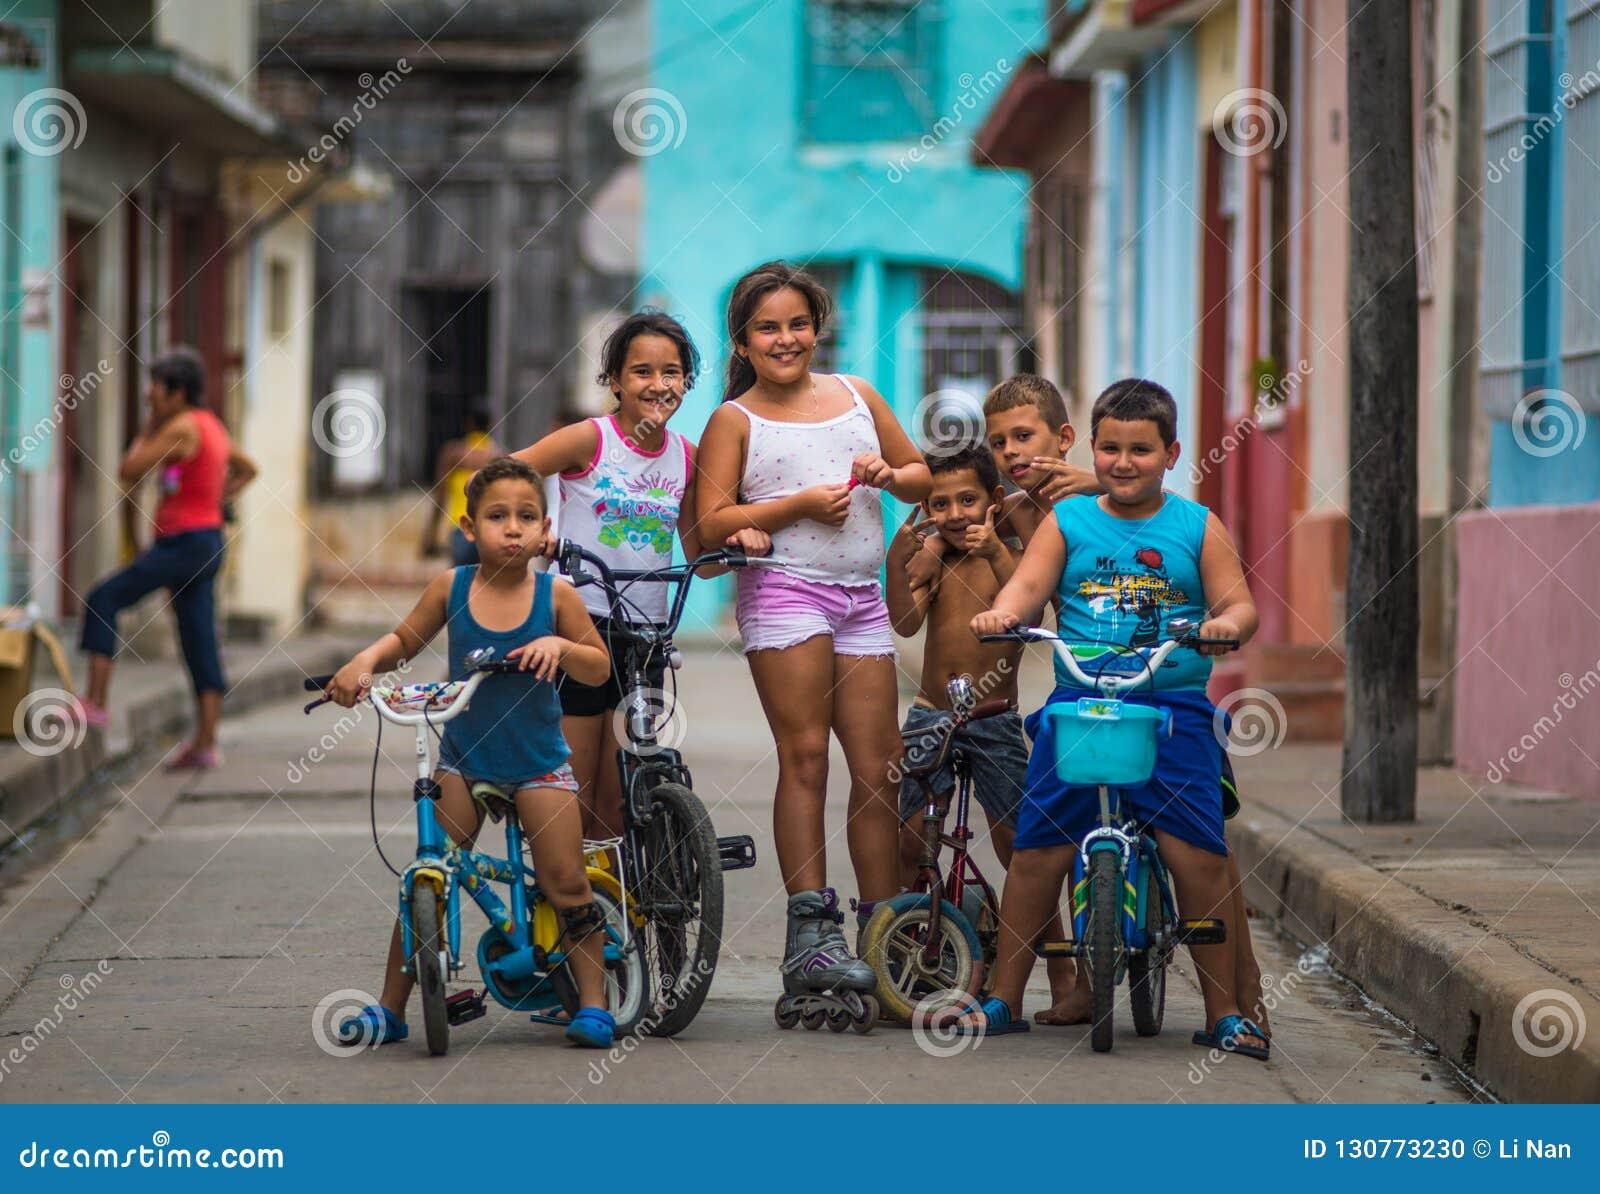 Szczęśliwy Kubański dziecko portret w biednej kolorowej kolonialnej ulicznej alei z uśmiech twarzą w starym mieście, Kuba, Ameryk